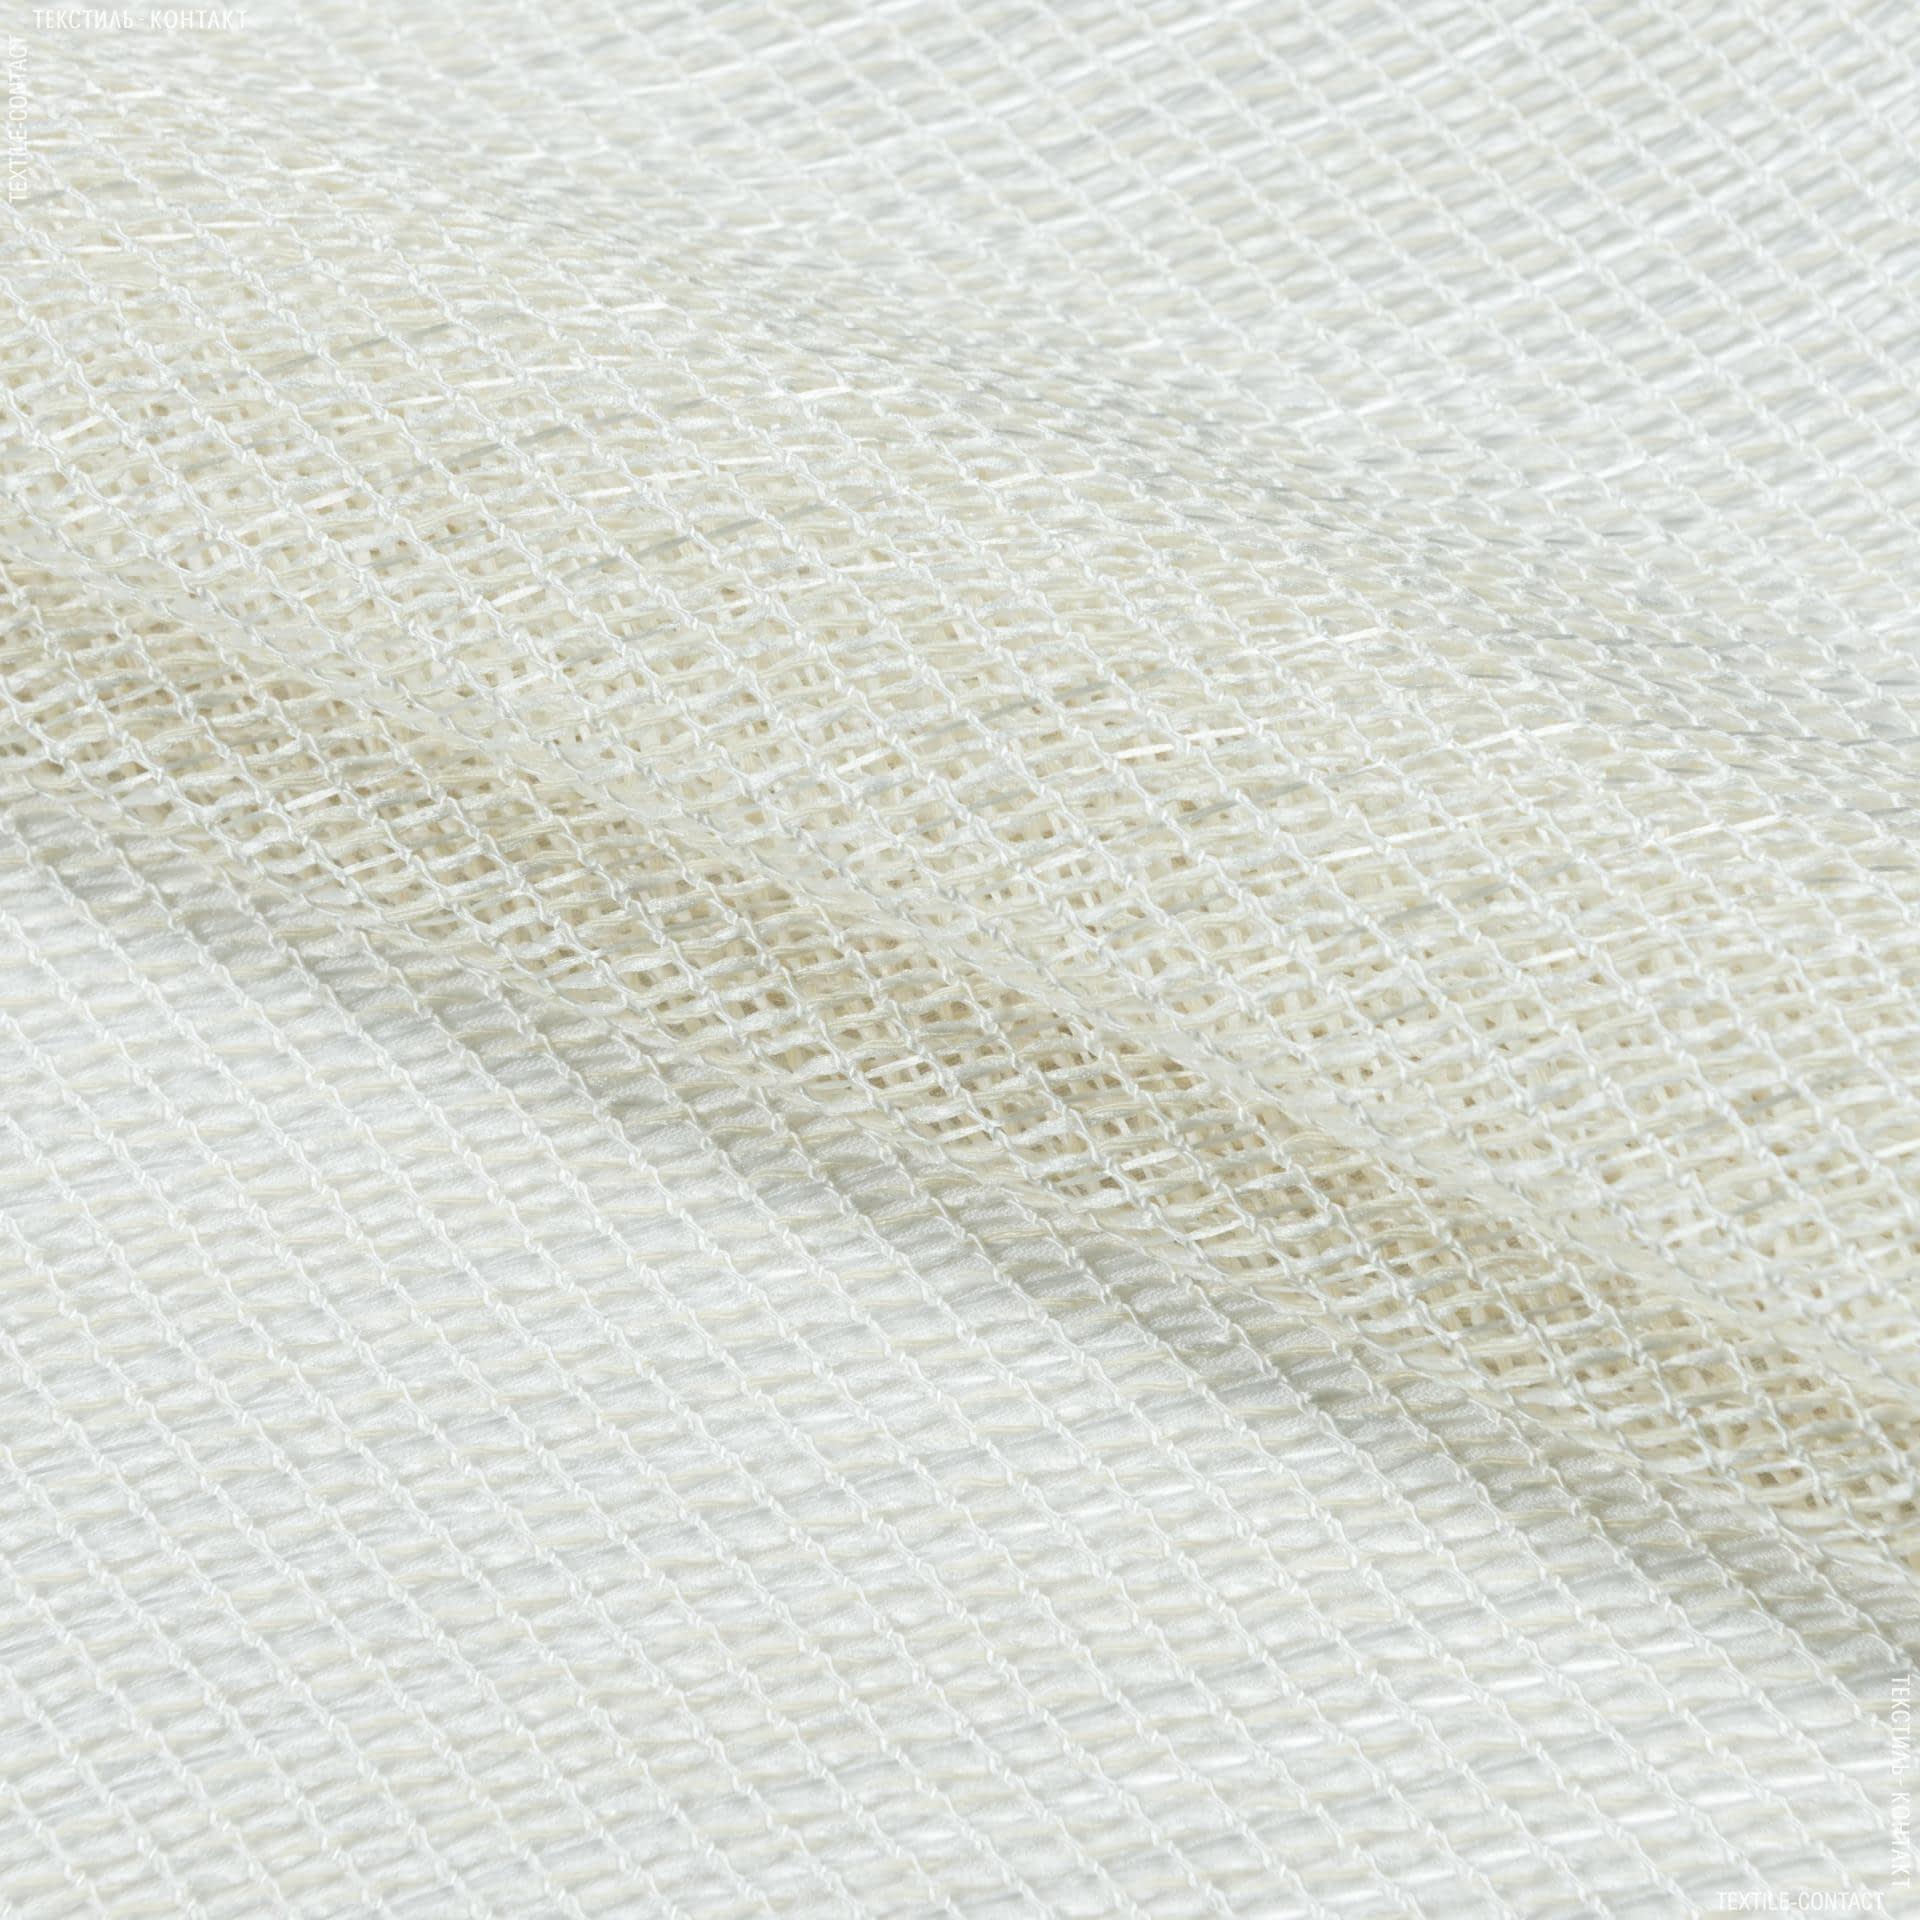 Тканини для рукоділля - Тюль сітка з обважнювачем АФРА крем